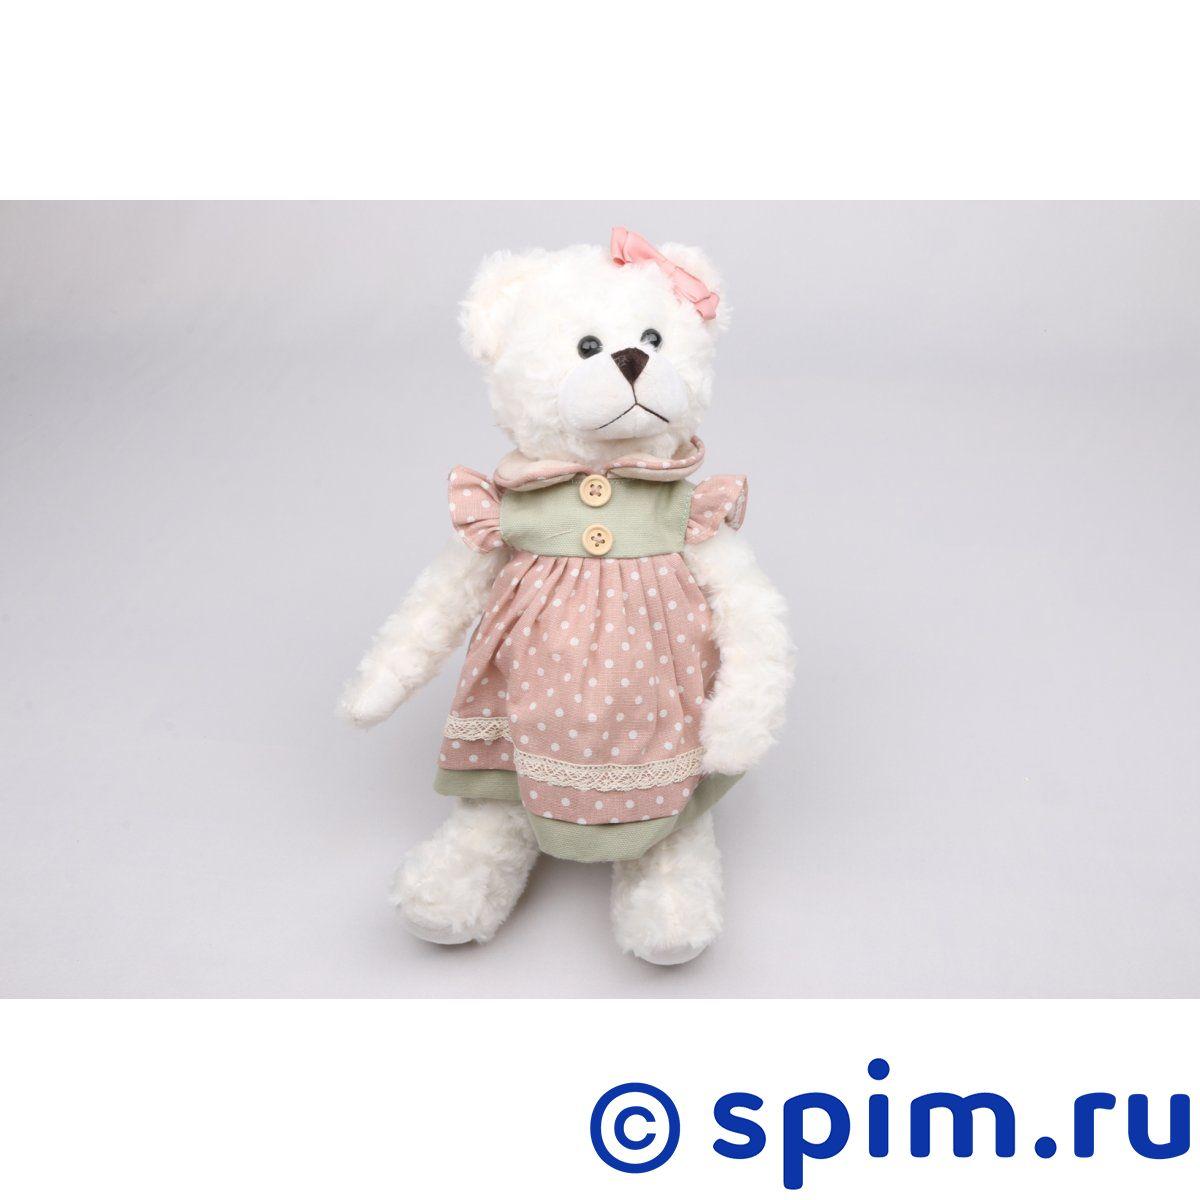 Интерьерная кукла Медвежонок C21-148615 мягкие игрушки estro совёнк подмигивающий